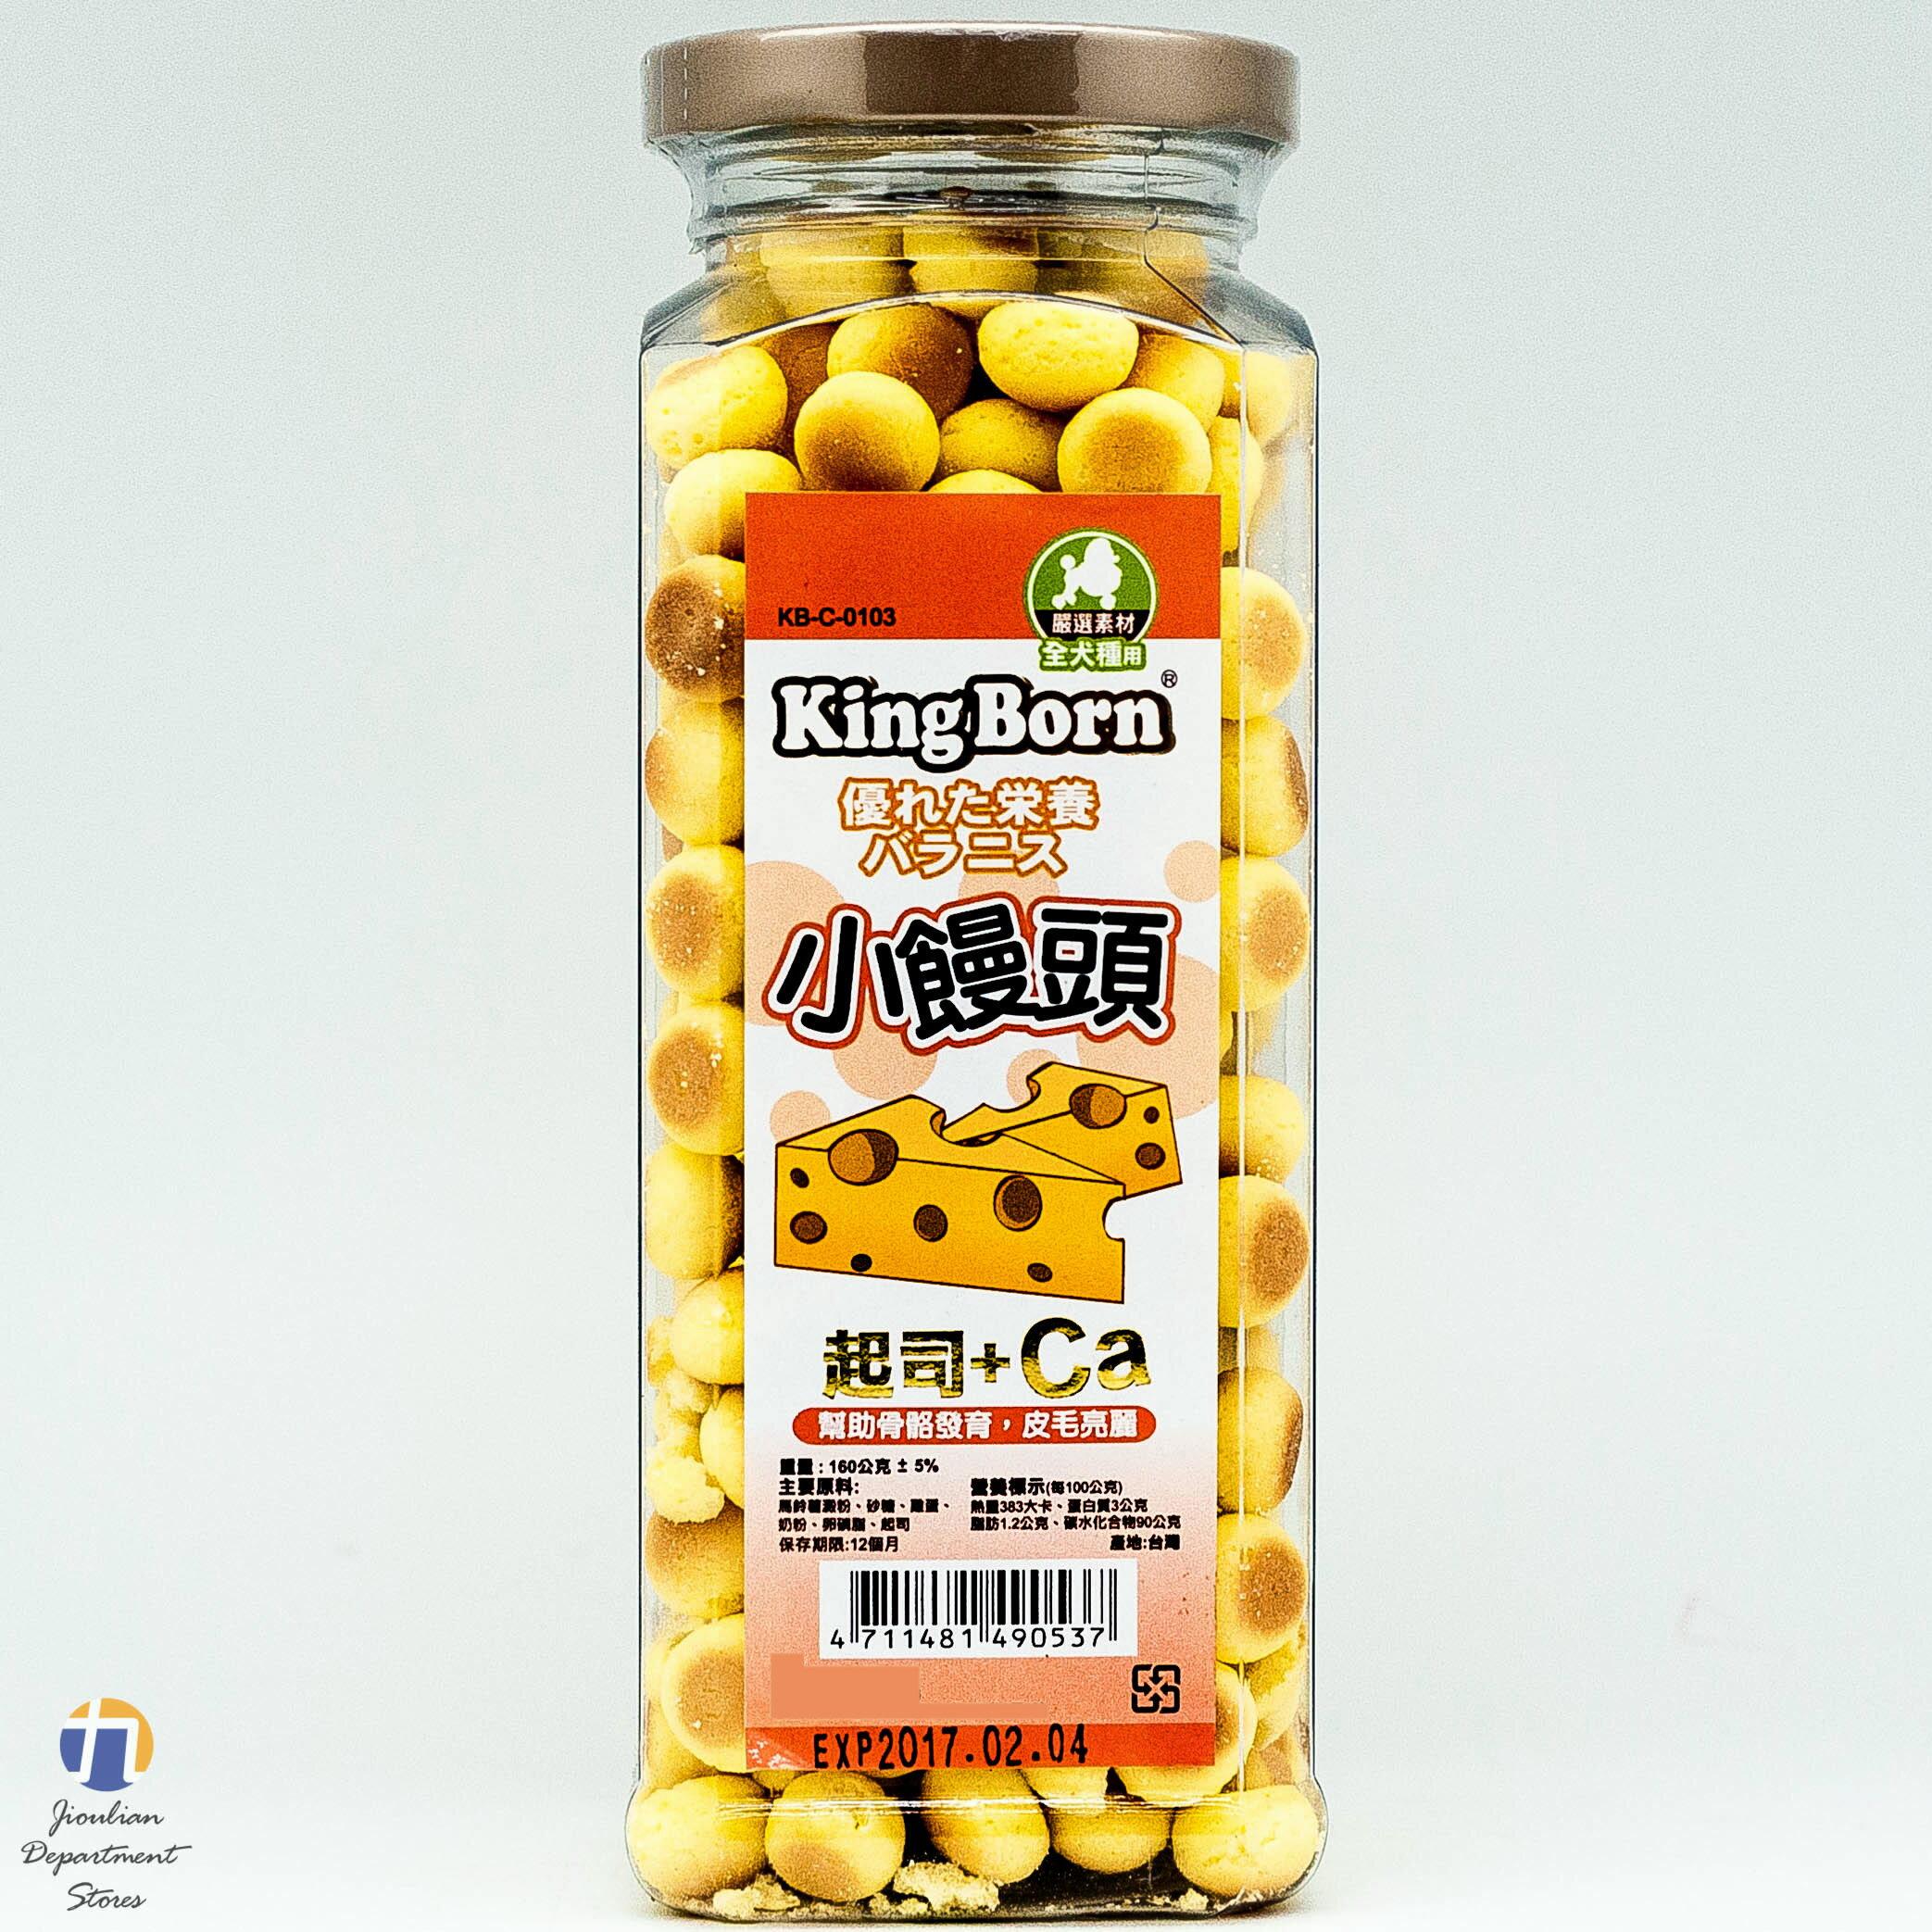 {九聯百貨} King Born (KB) 小饅頭 起司+鈣Ca 全犬種適用 160g (KB-C-0103)